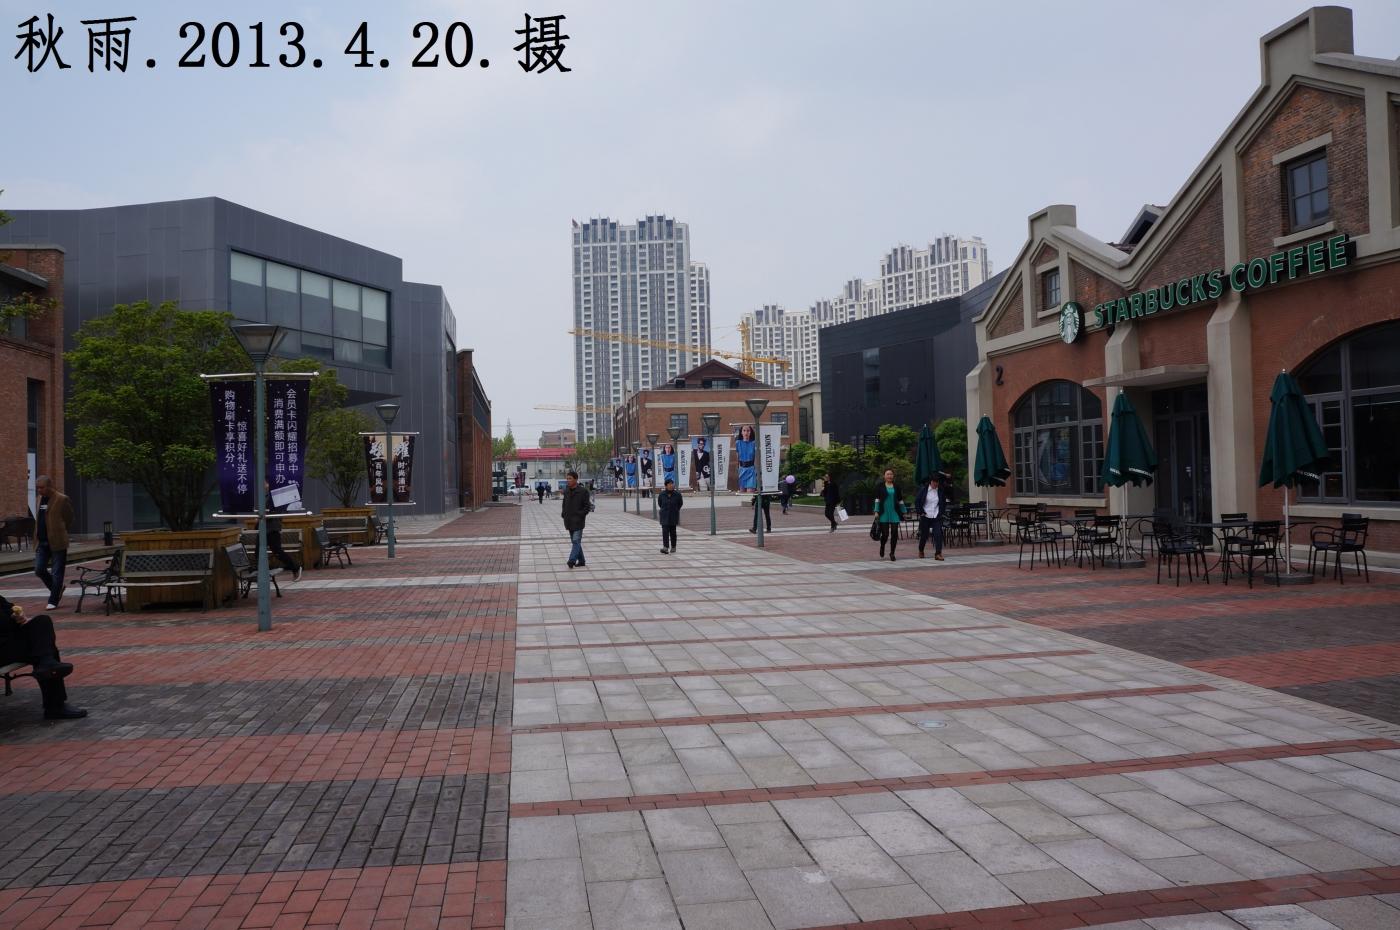 上海国际时尚中心,原国棉十七厂旧址(1),修旧如旧。摄影原创。 ..._图1-1